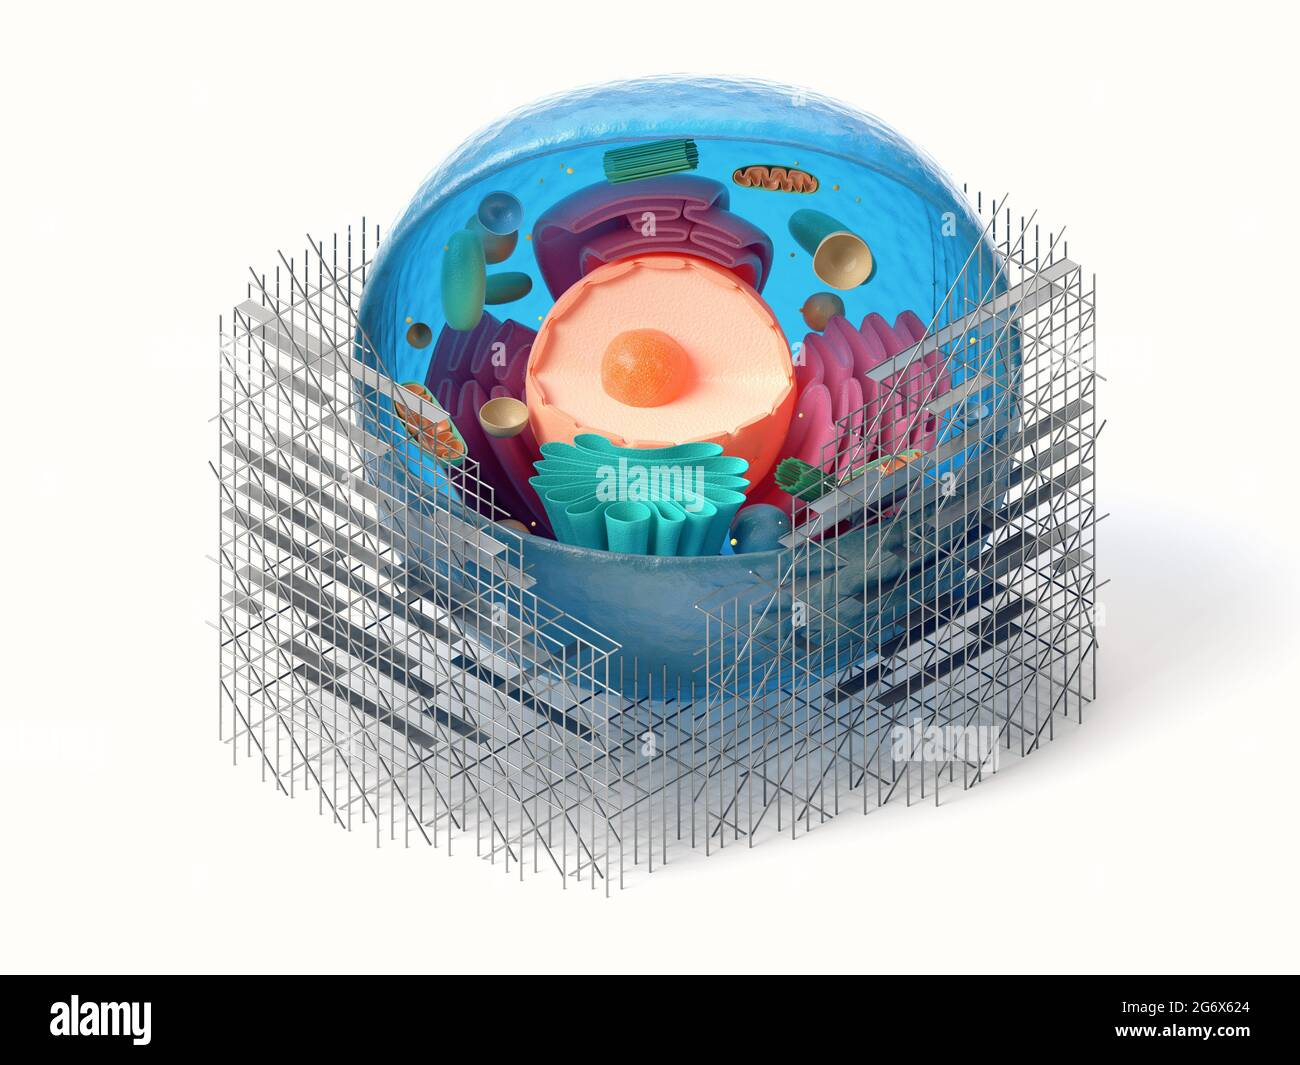 rendu 3d de la section transversale des cellules animales avec échafaudages isolés sur du blanc. Concept de réparation cellulaire biologique Banque D'Images